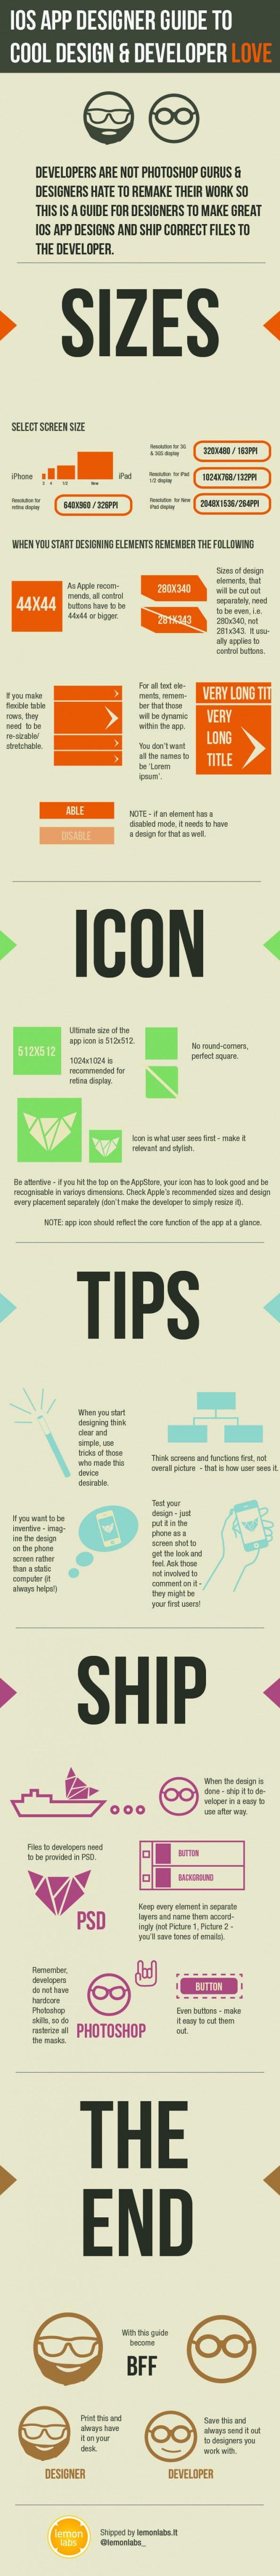 iOS App Designer Guide to Developer